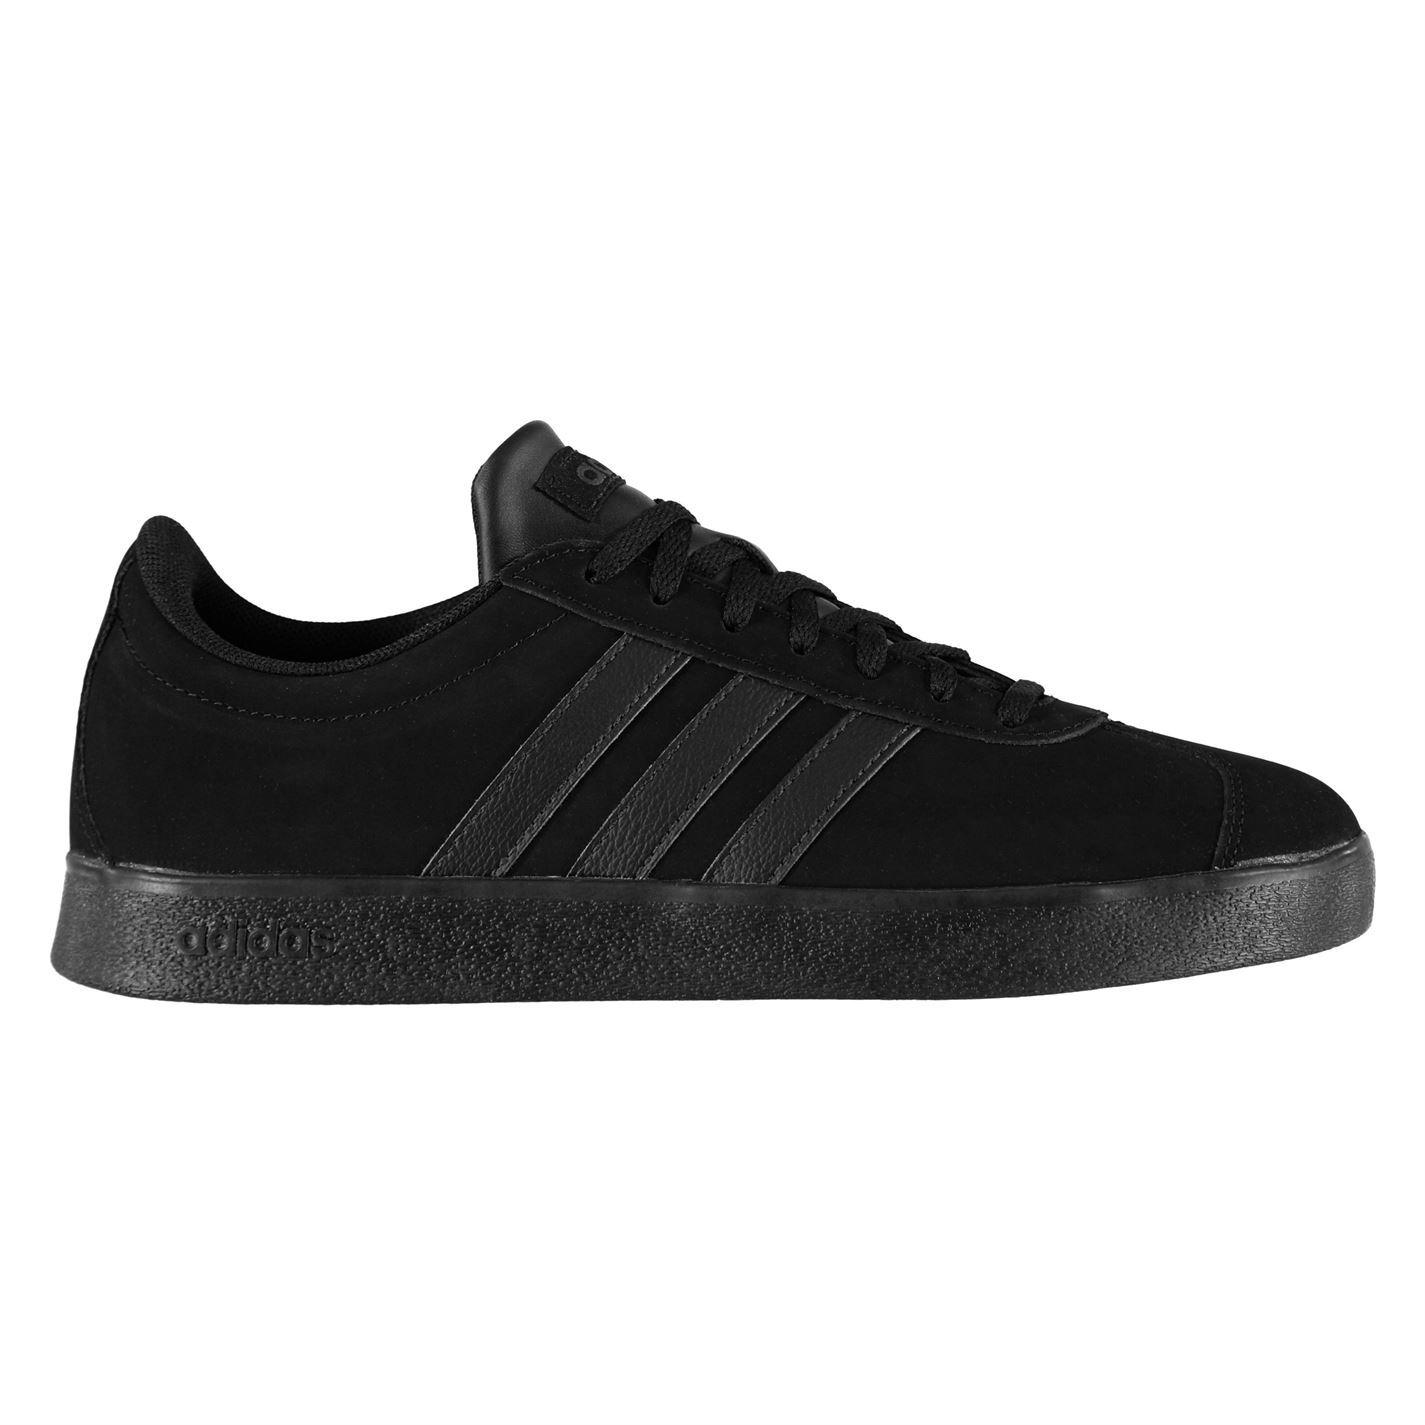 Gents Tripleblack Vl Court pelle imbottita con Sneakers caviglia lacci in Gents nabuk in Adidas e scamosciata Mens paXwSqS